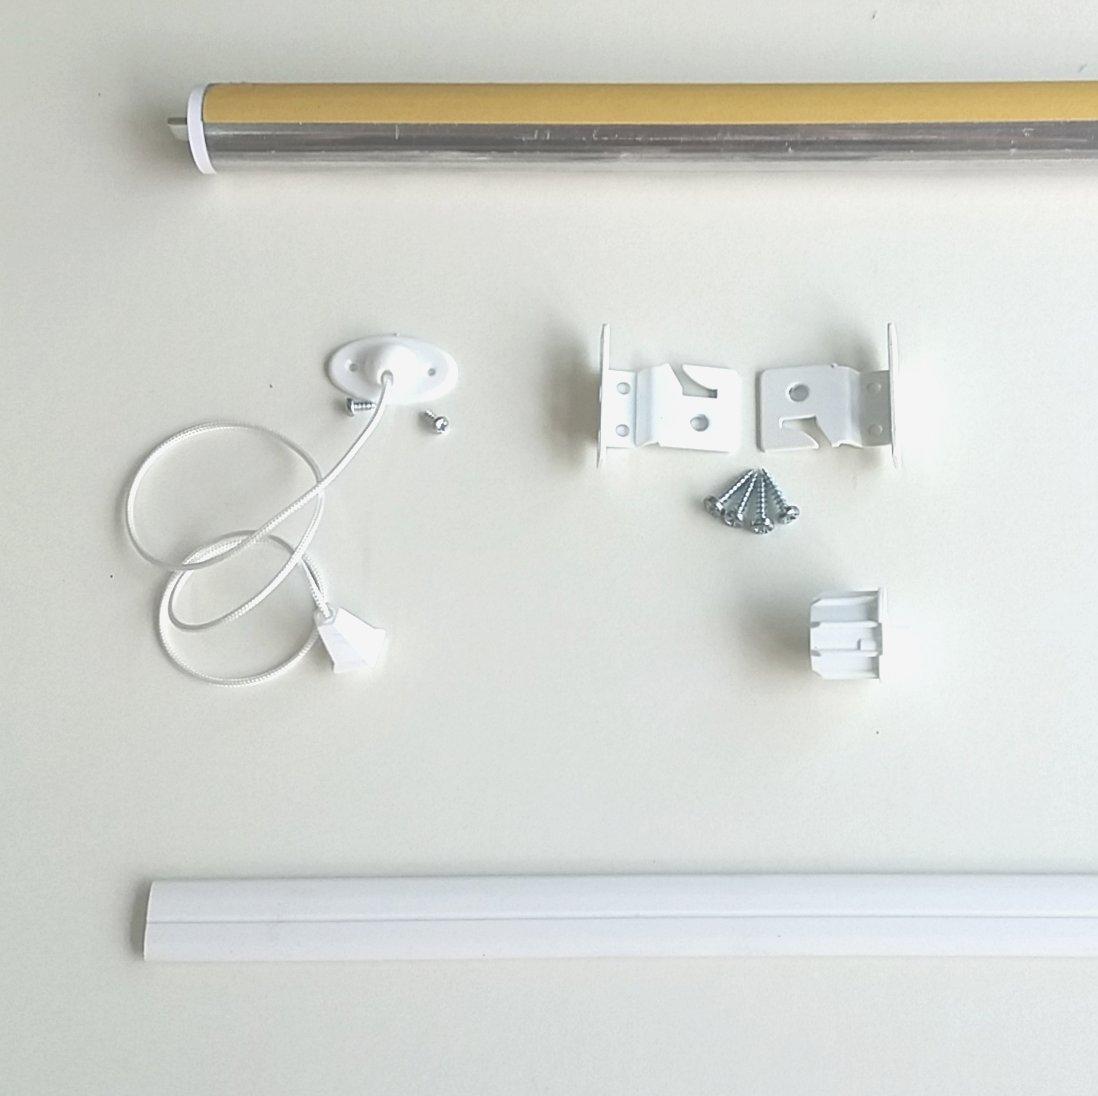 Spring Loaded Roller Blind Kits